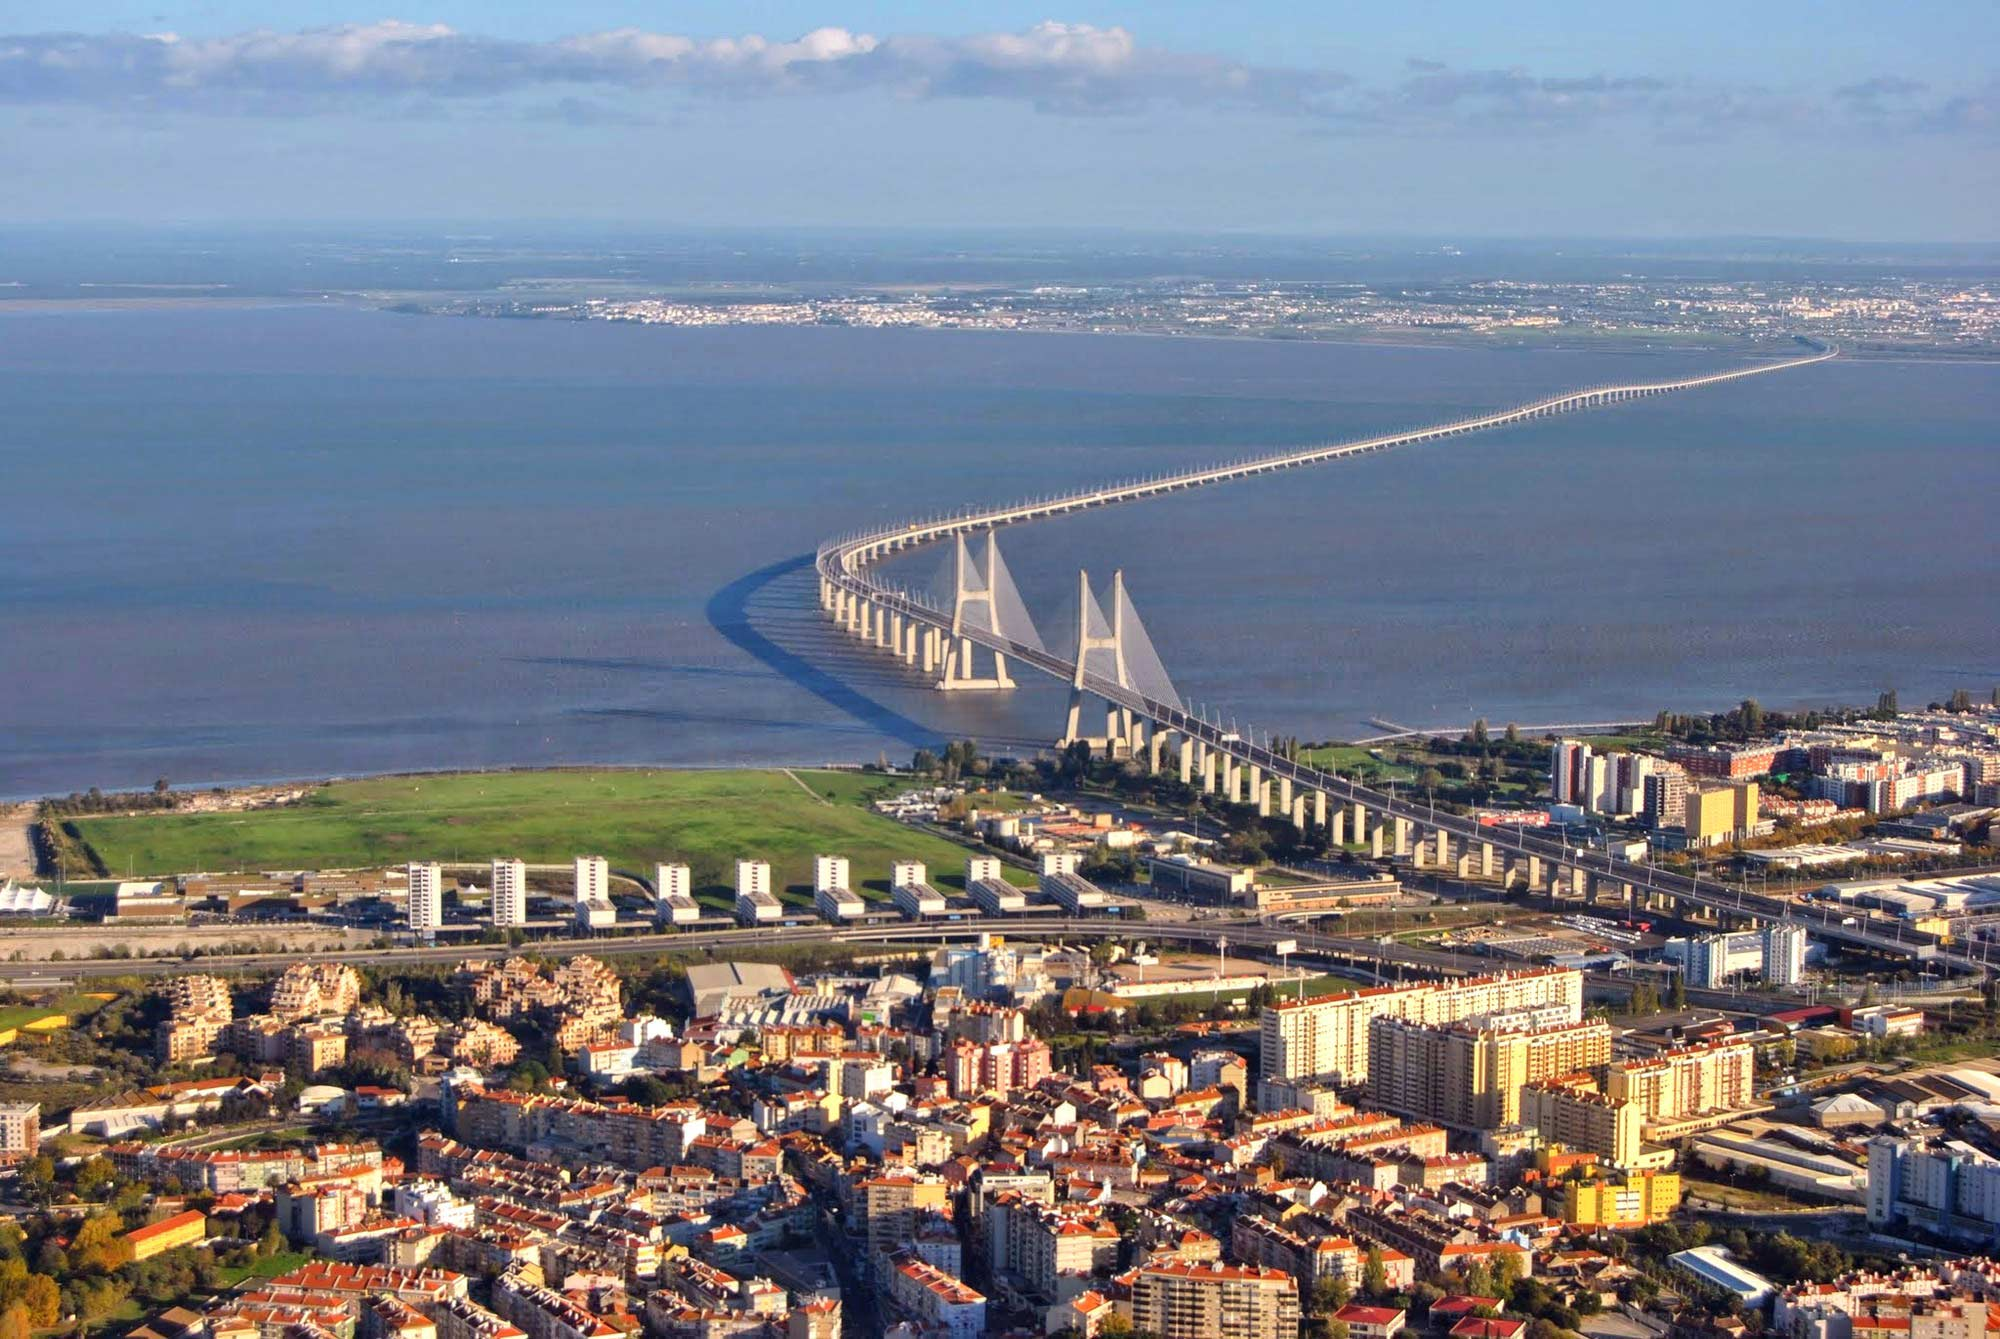 Мост Васко да Гама через р. Тежу